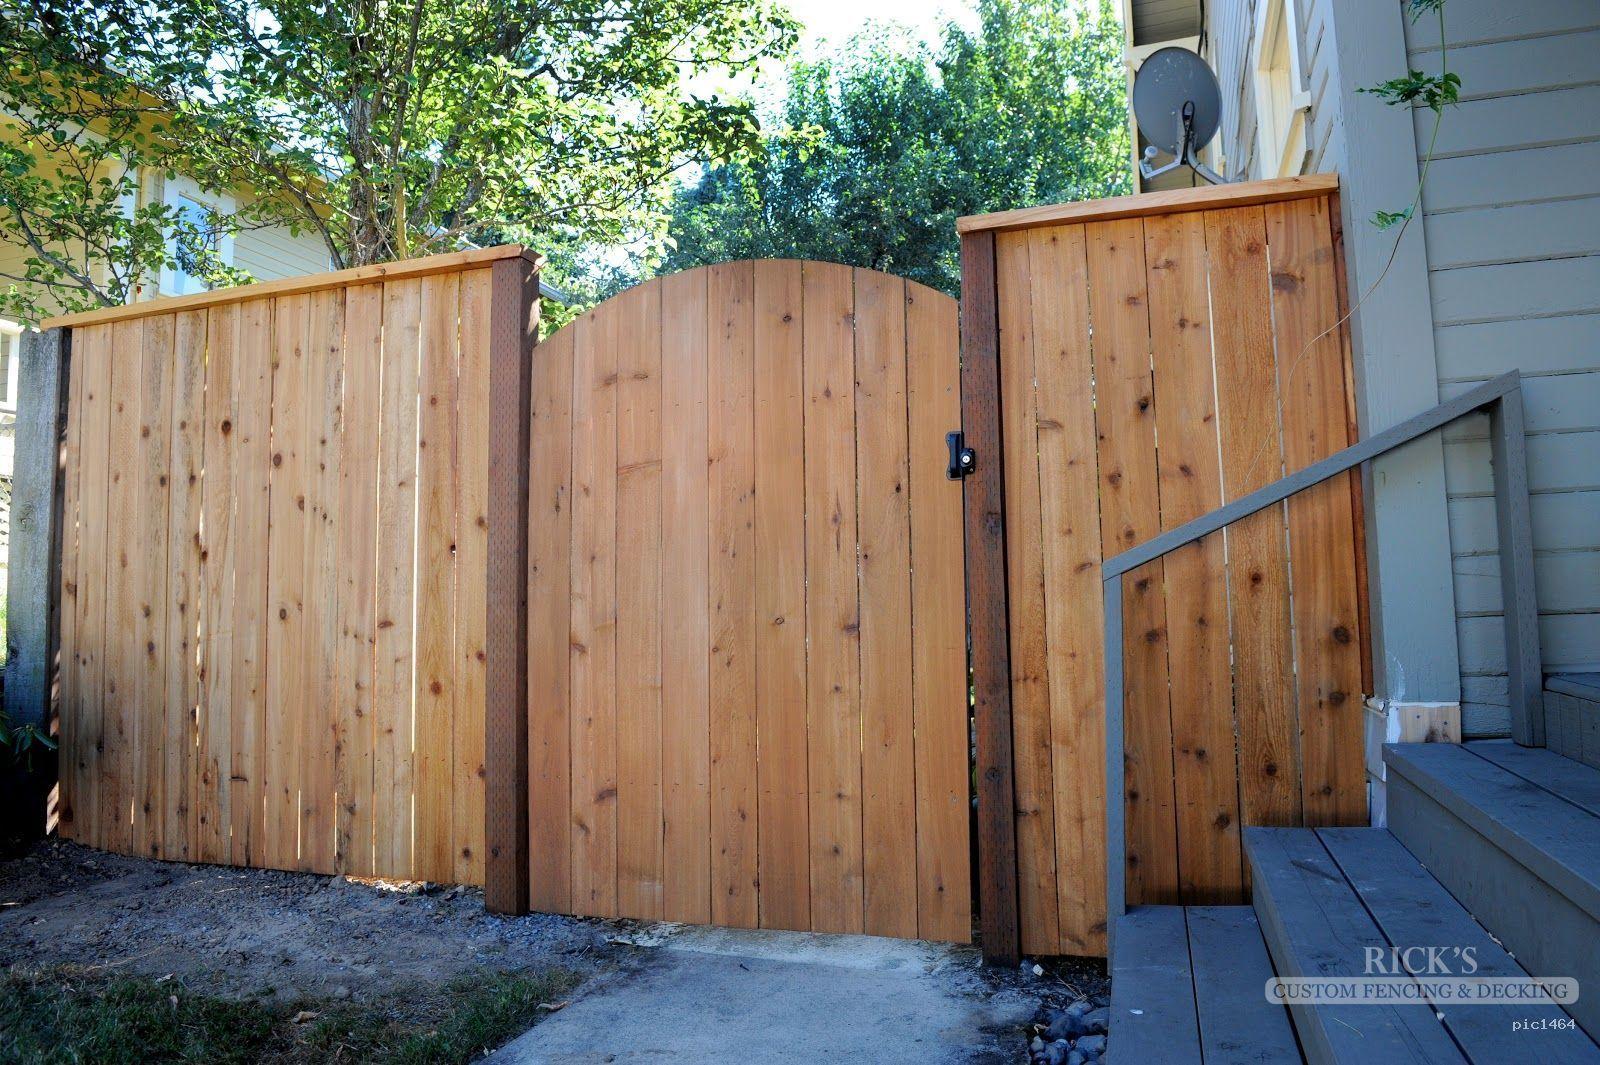 Cedar Fence & Cedar Fence Designs | Rick's Custom Fencing & Decking